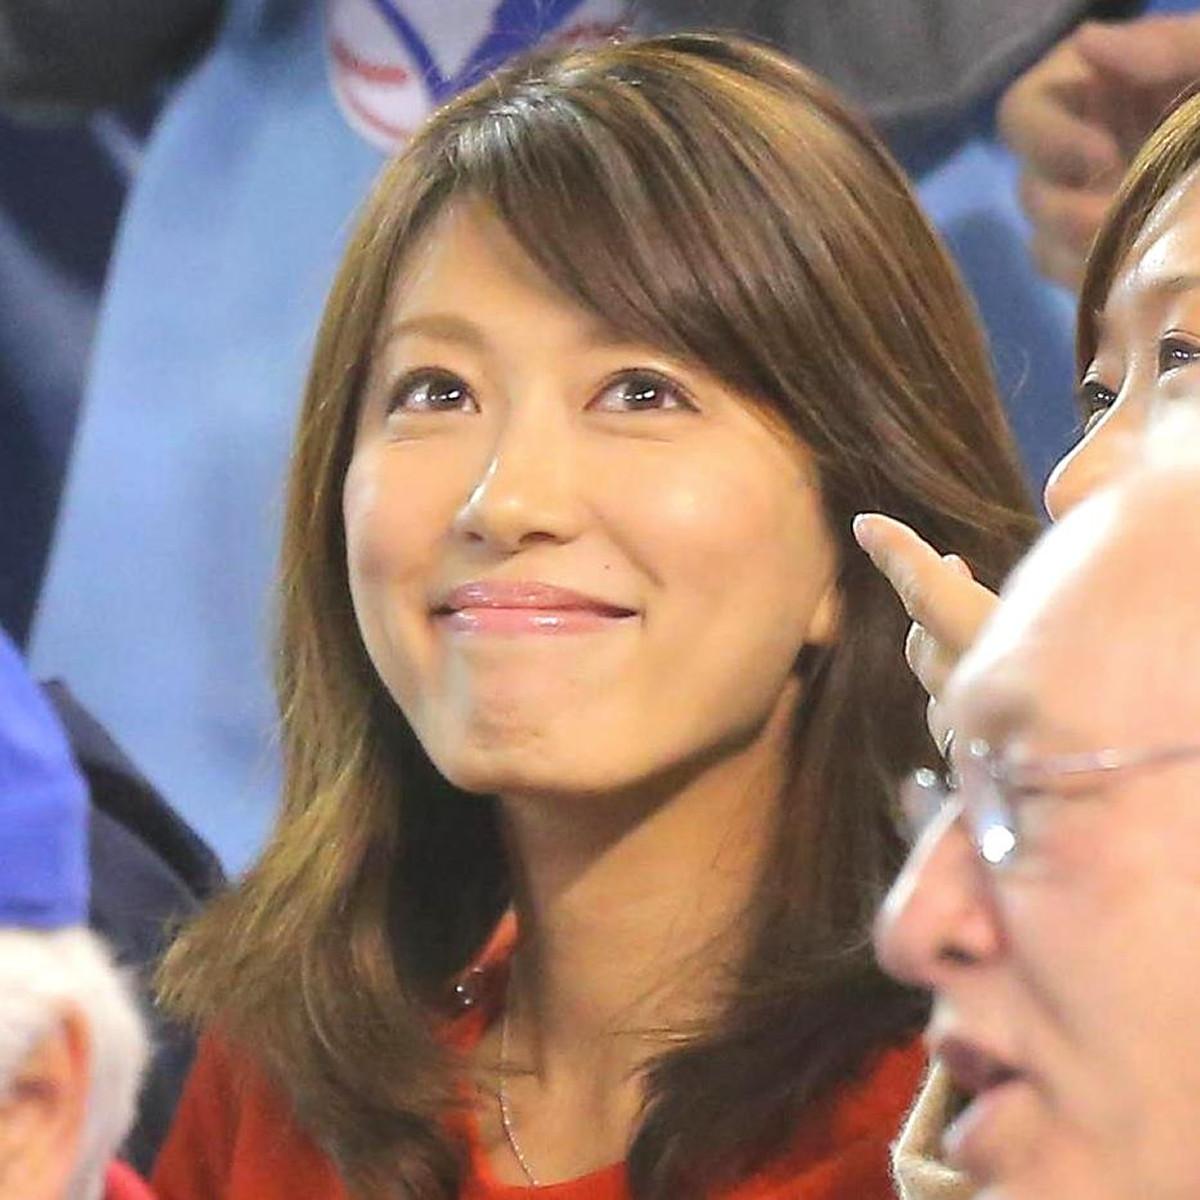 里田まい、ヤンキースの妻たちとの集合ショットを披露「美人ばっかり」と驚きの声 : スポーツ報知